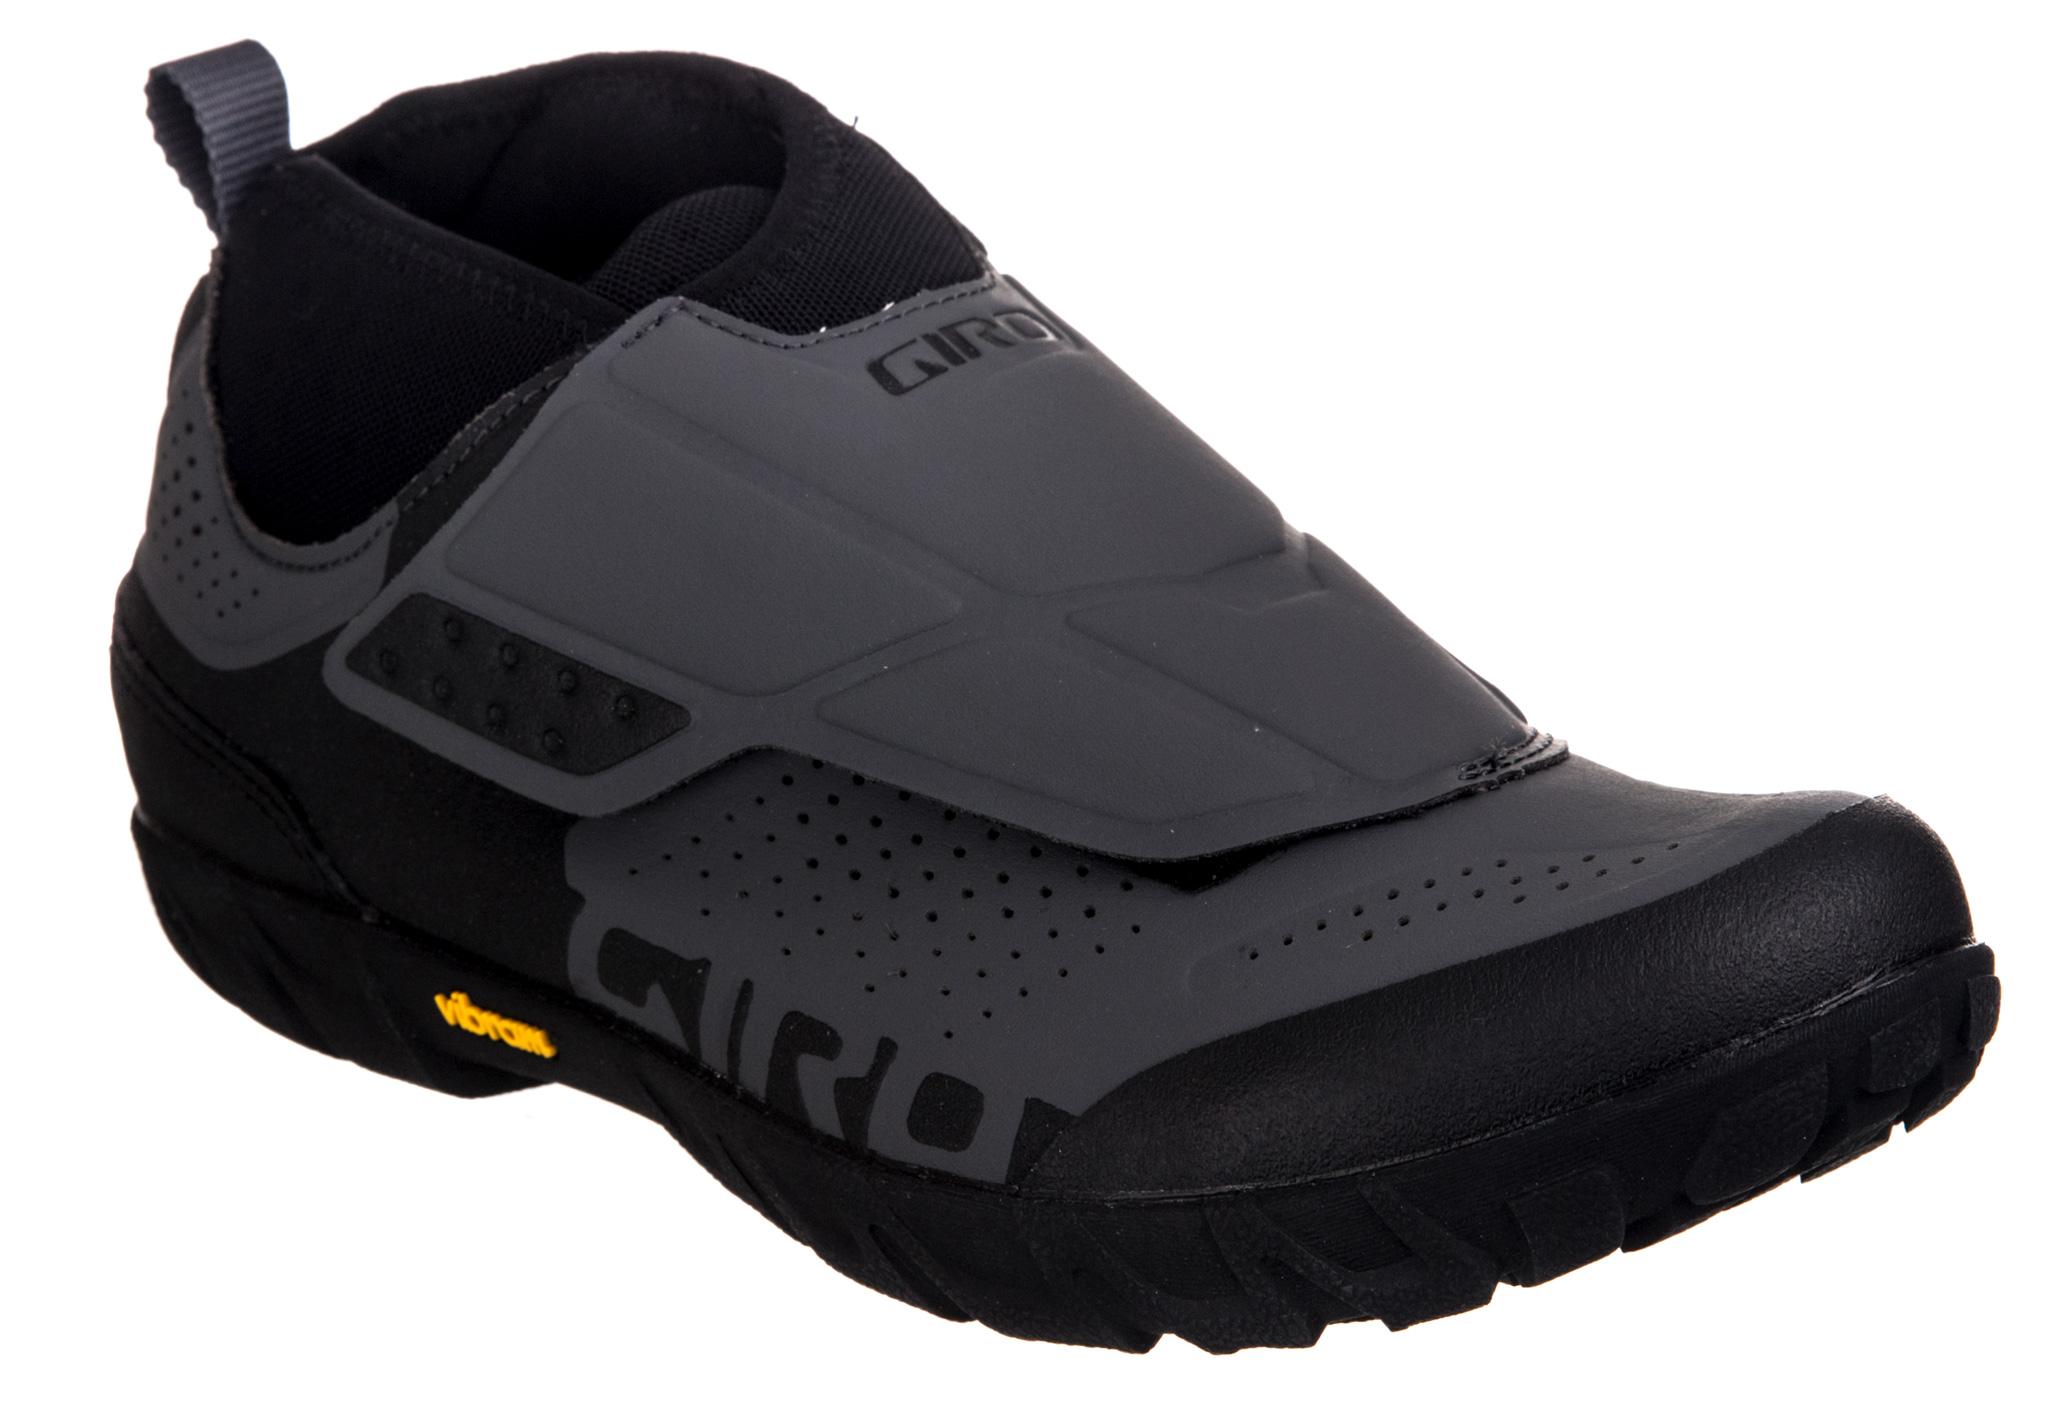 2017 Terraduro Chaussures Noir Giro Vtt pSzUGVMq